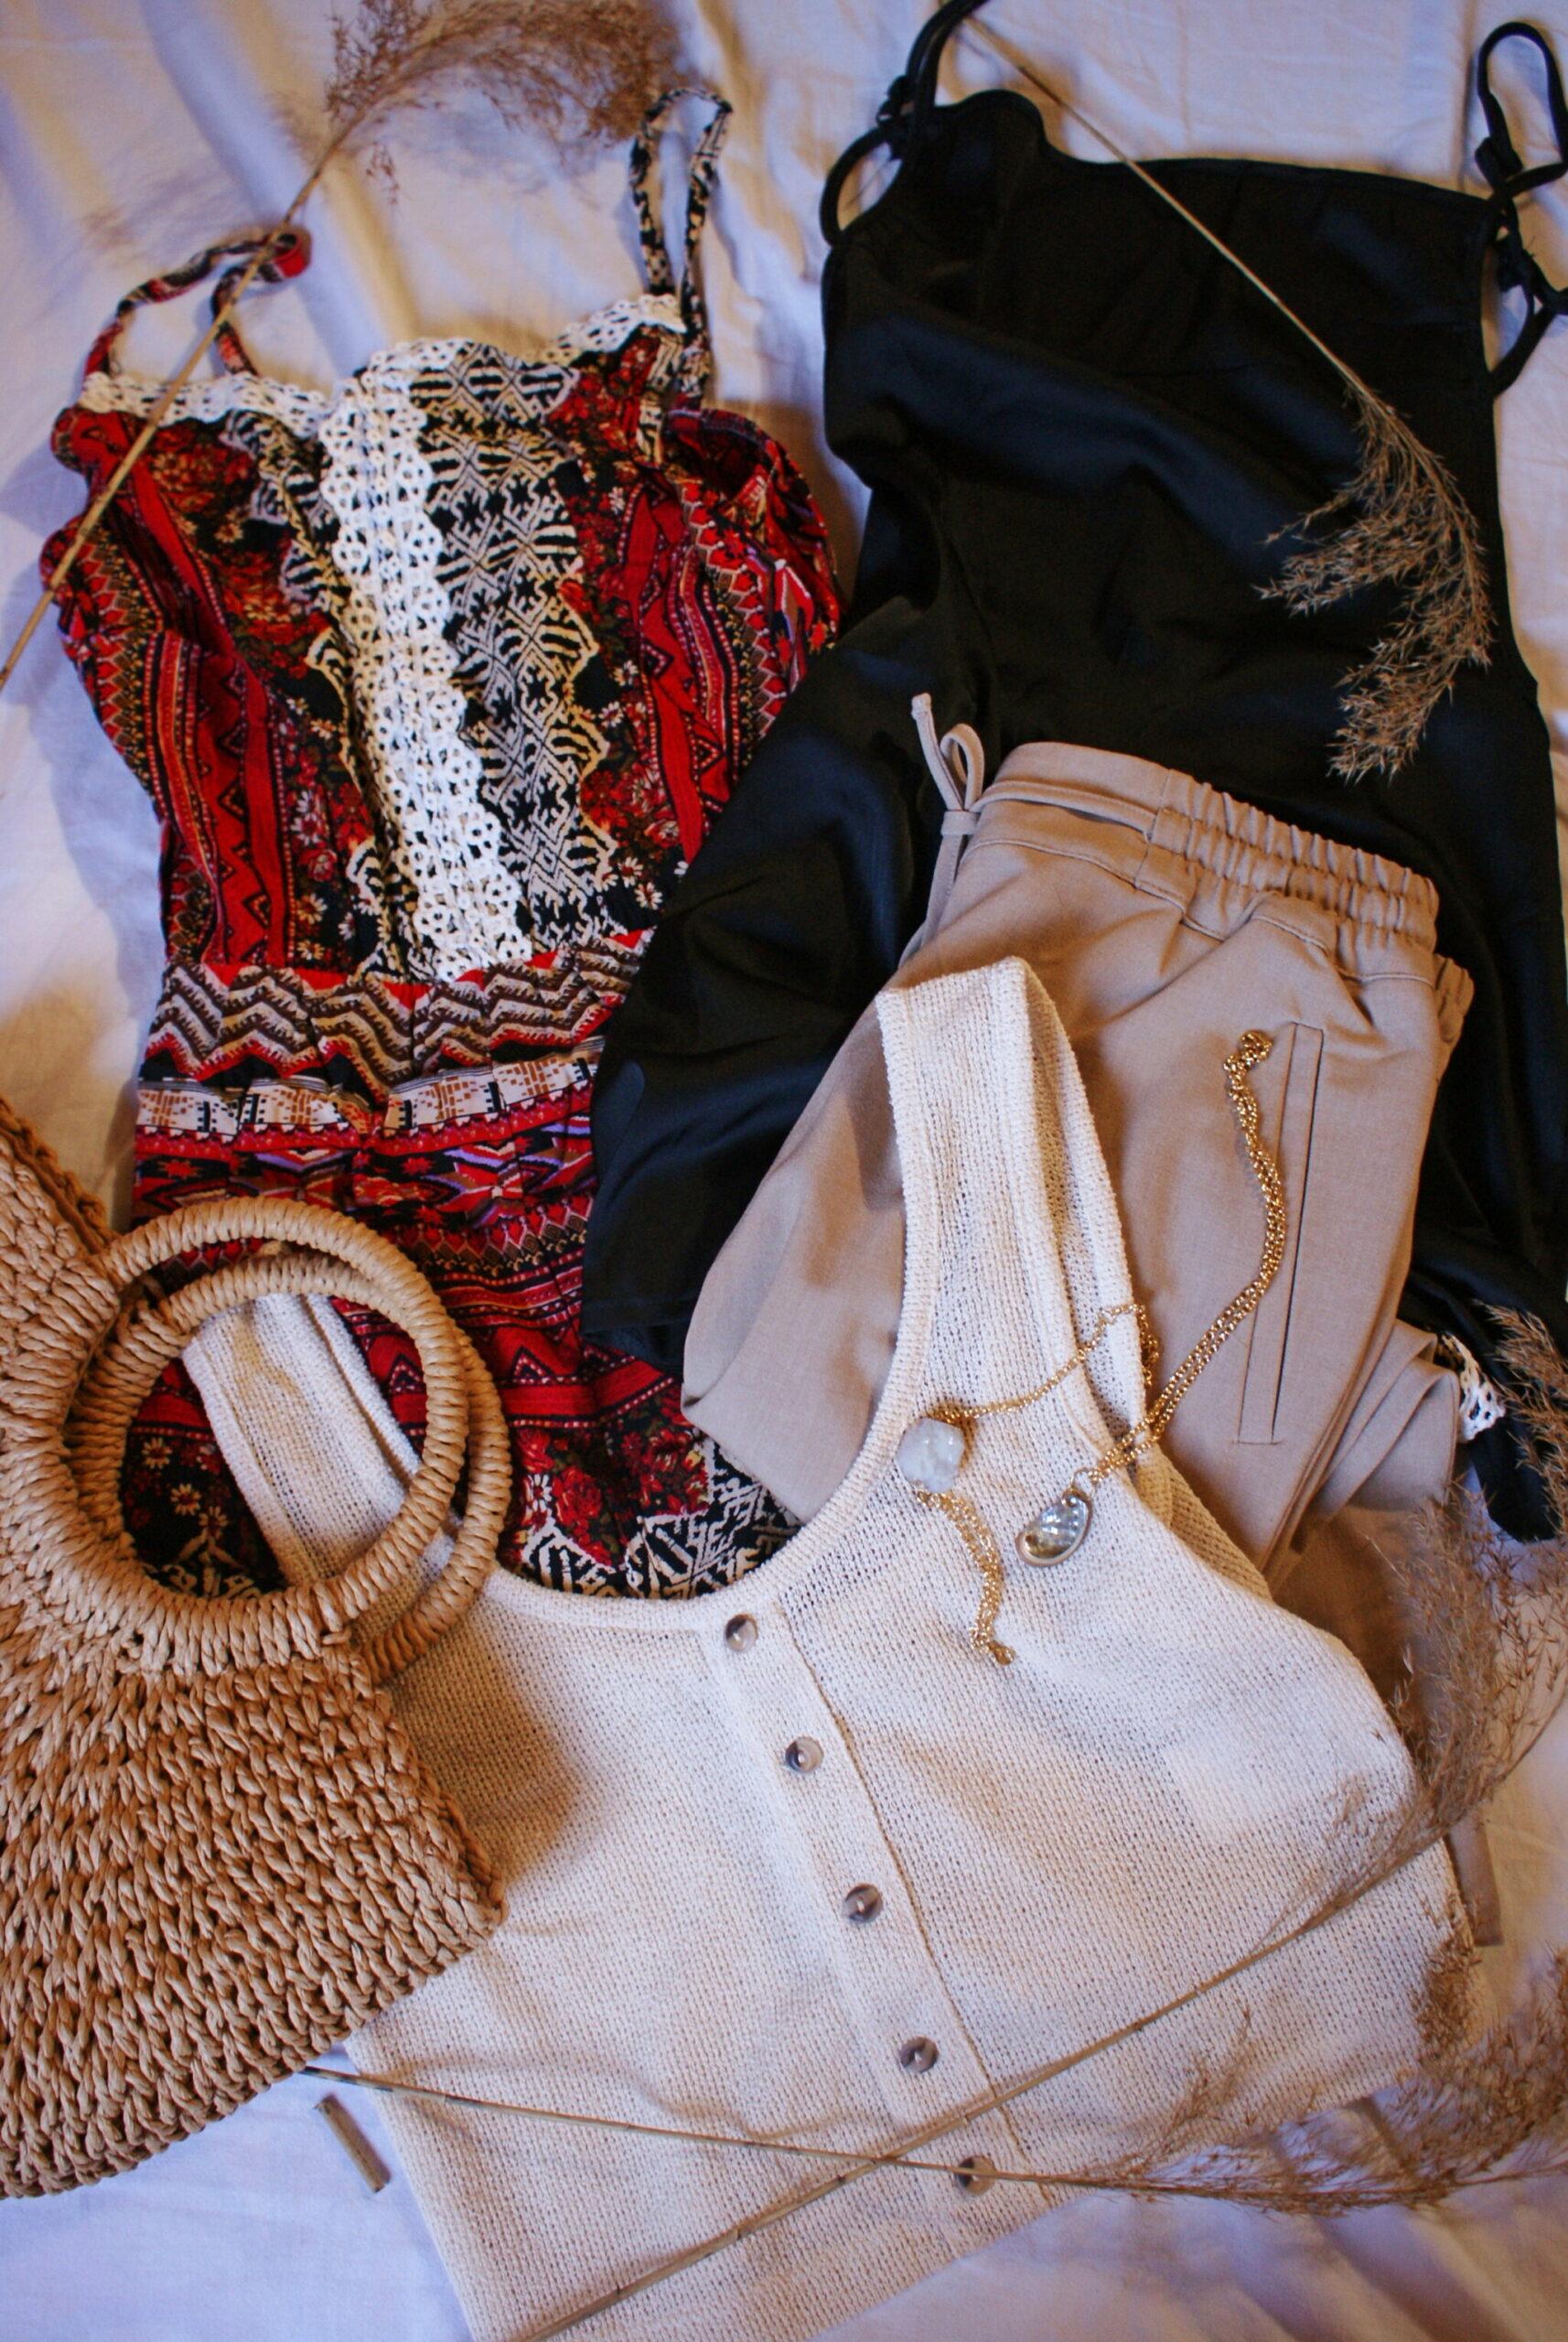 5 articoli di base per l'abbigliamento essenziale per guardaroba estivo francinesplaceblog